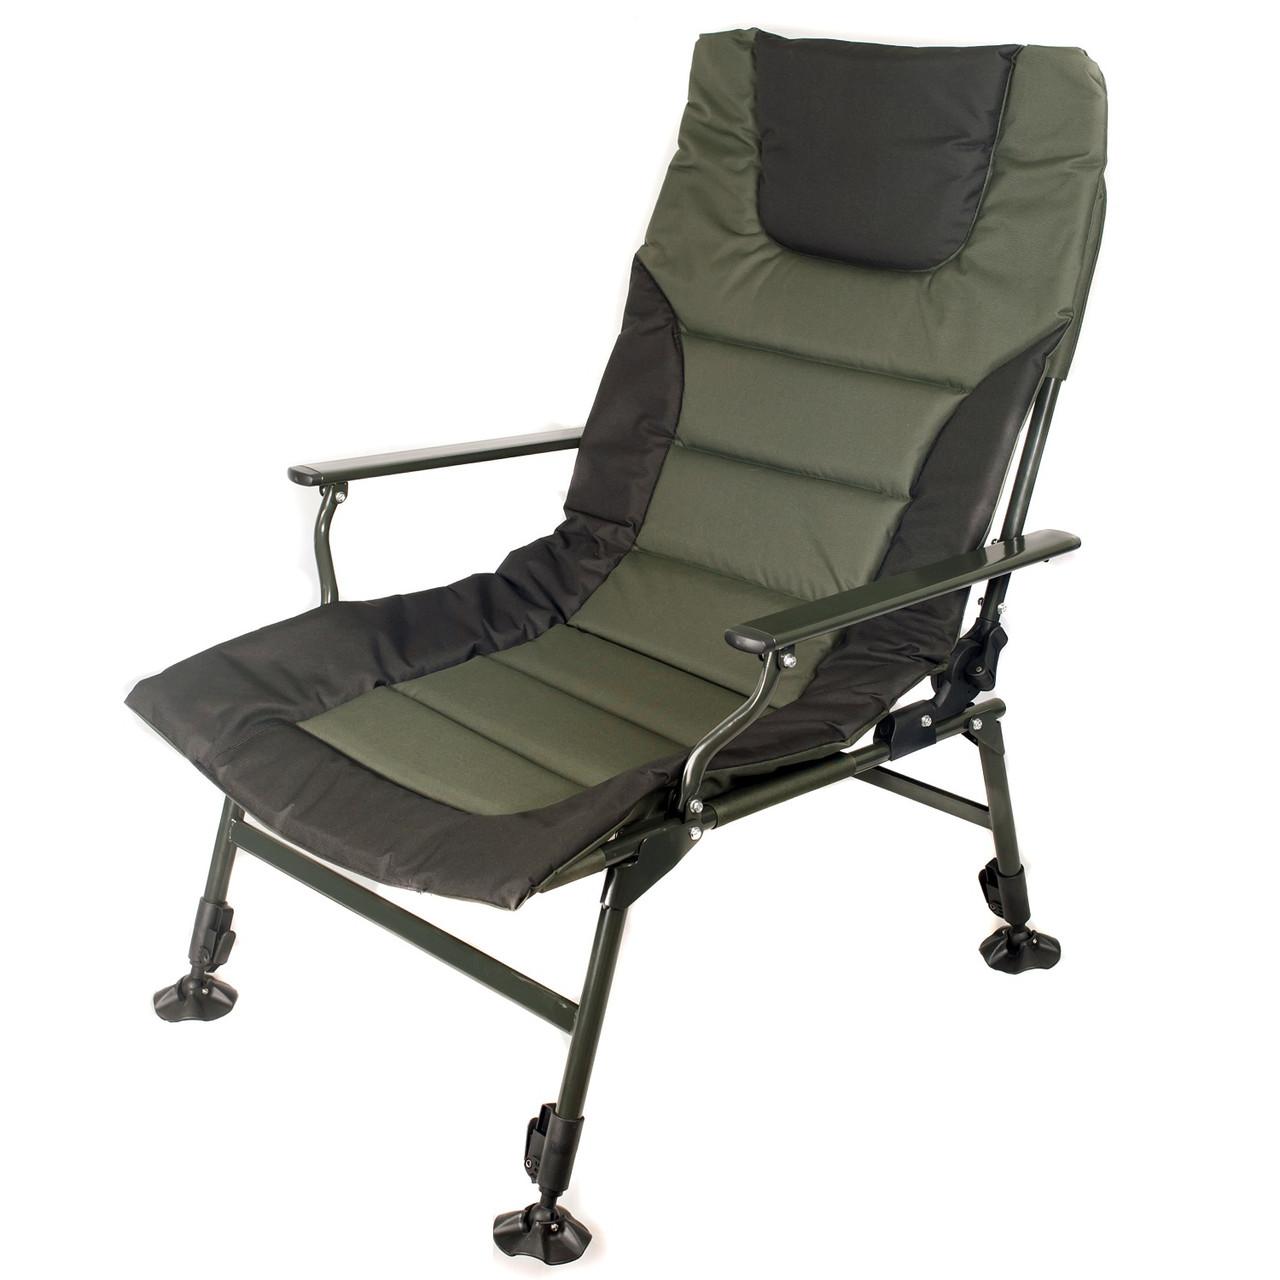 Карповое кресло для рыбалки природы пикника Ranger Wide Carp SL-105 мегкое до 160 кг нагрузки + чехол